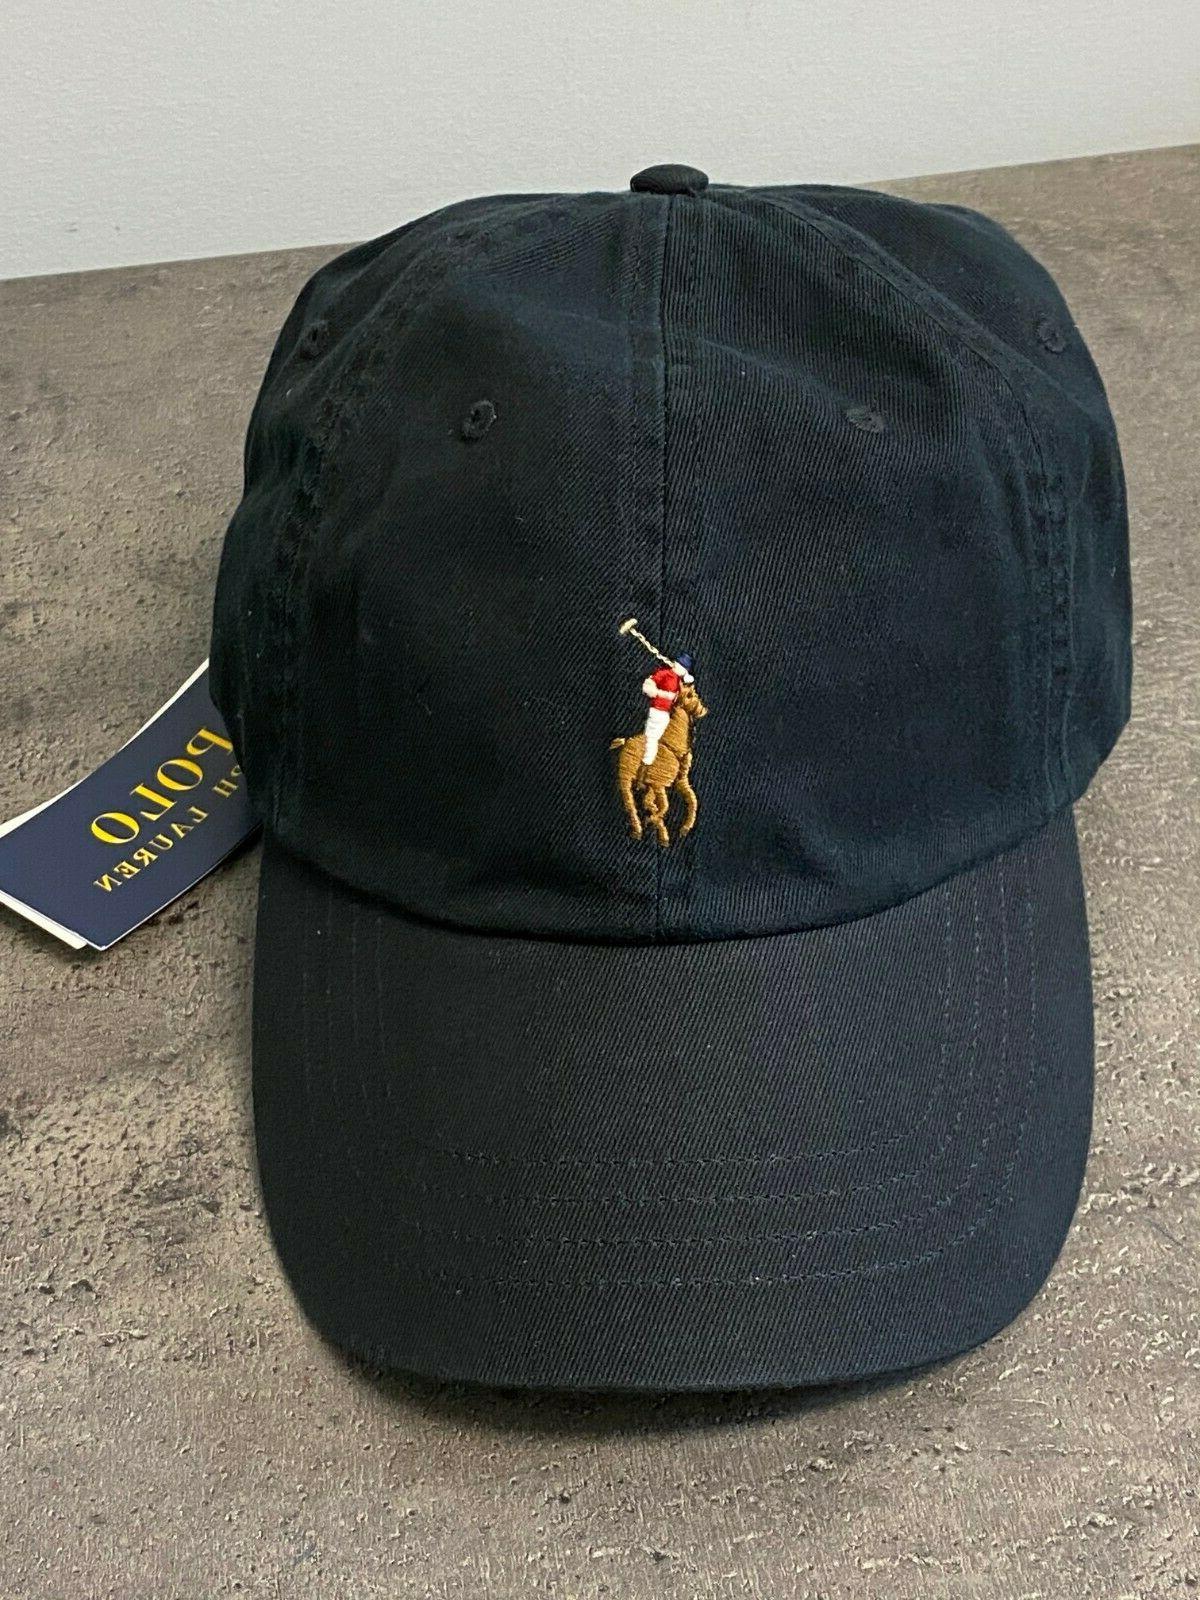 NEW Polo Multi Color Brown Chino Cap Hat Black